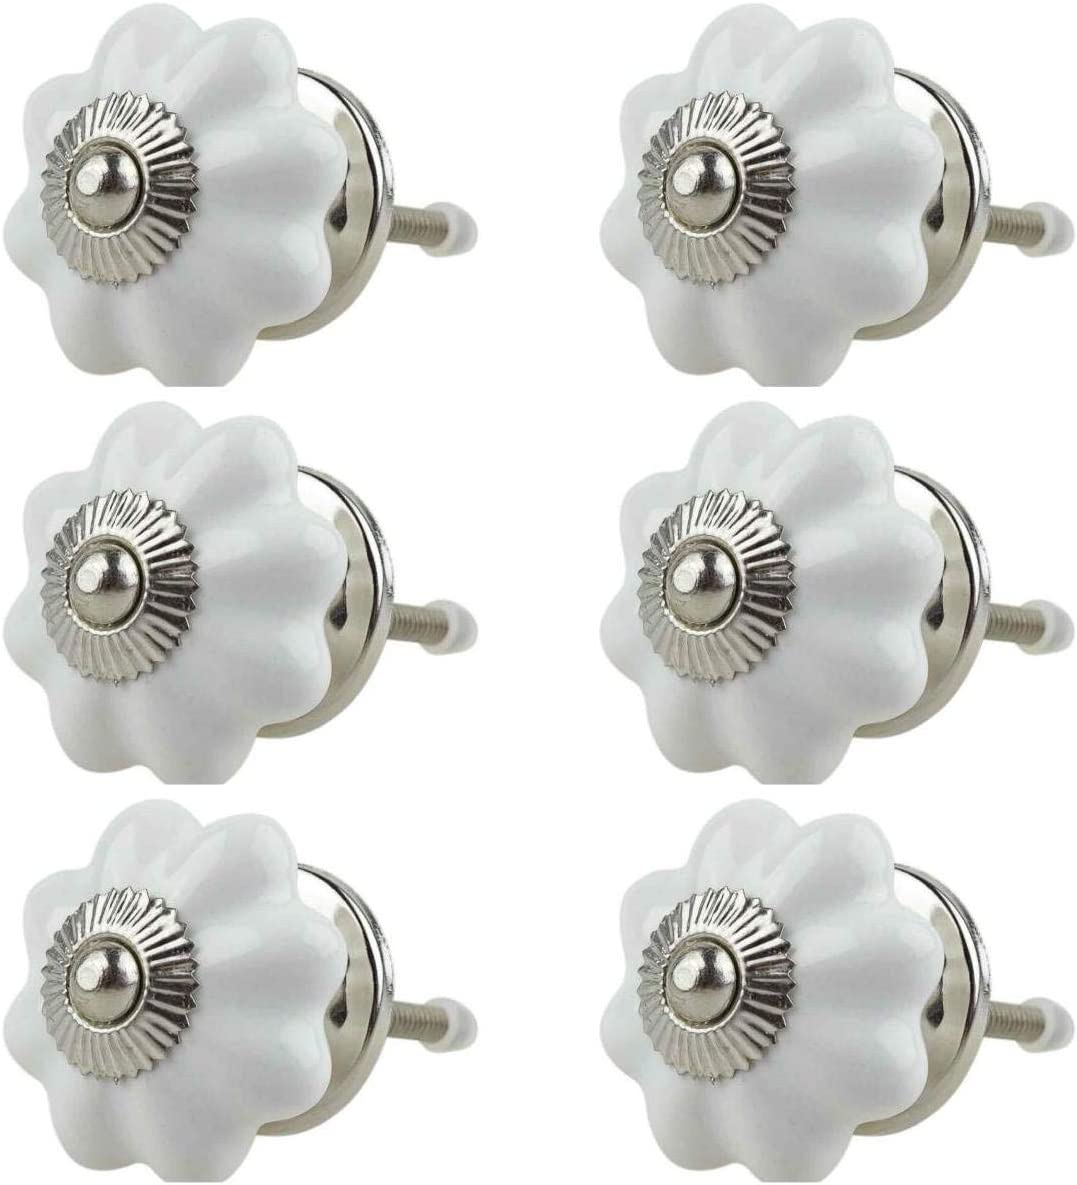 Boutons de Meuble C/éramique Assortiment 6 pi/èces No multicolore tiroir en porcelaine poign/ées meuble Jay Knopf 049GN Citrouille Fleur Blanc